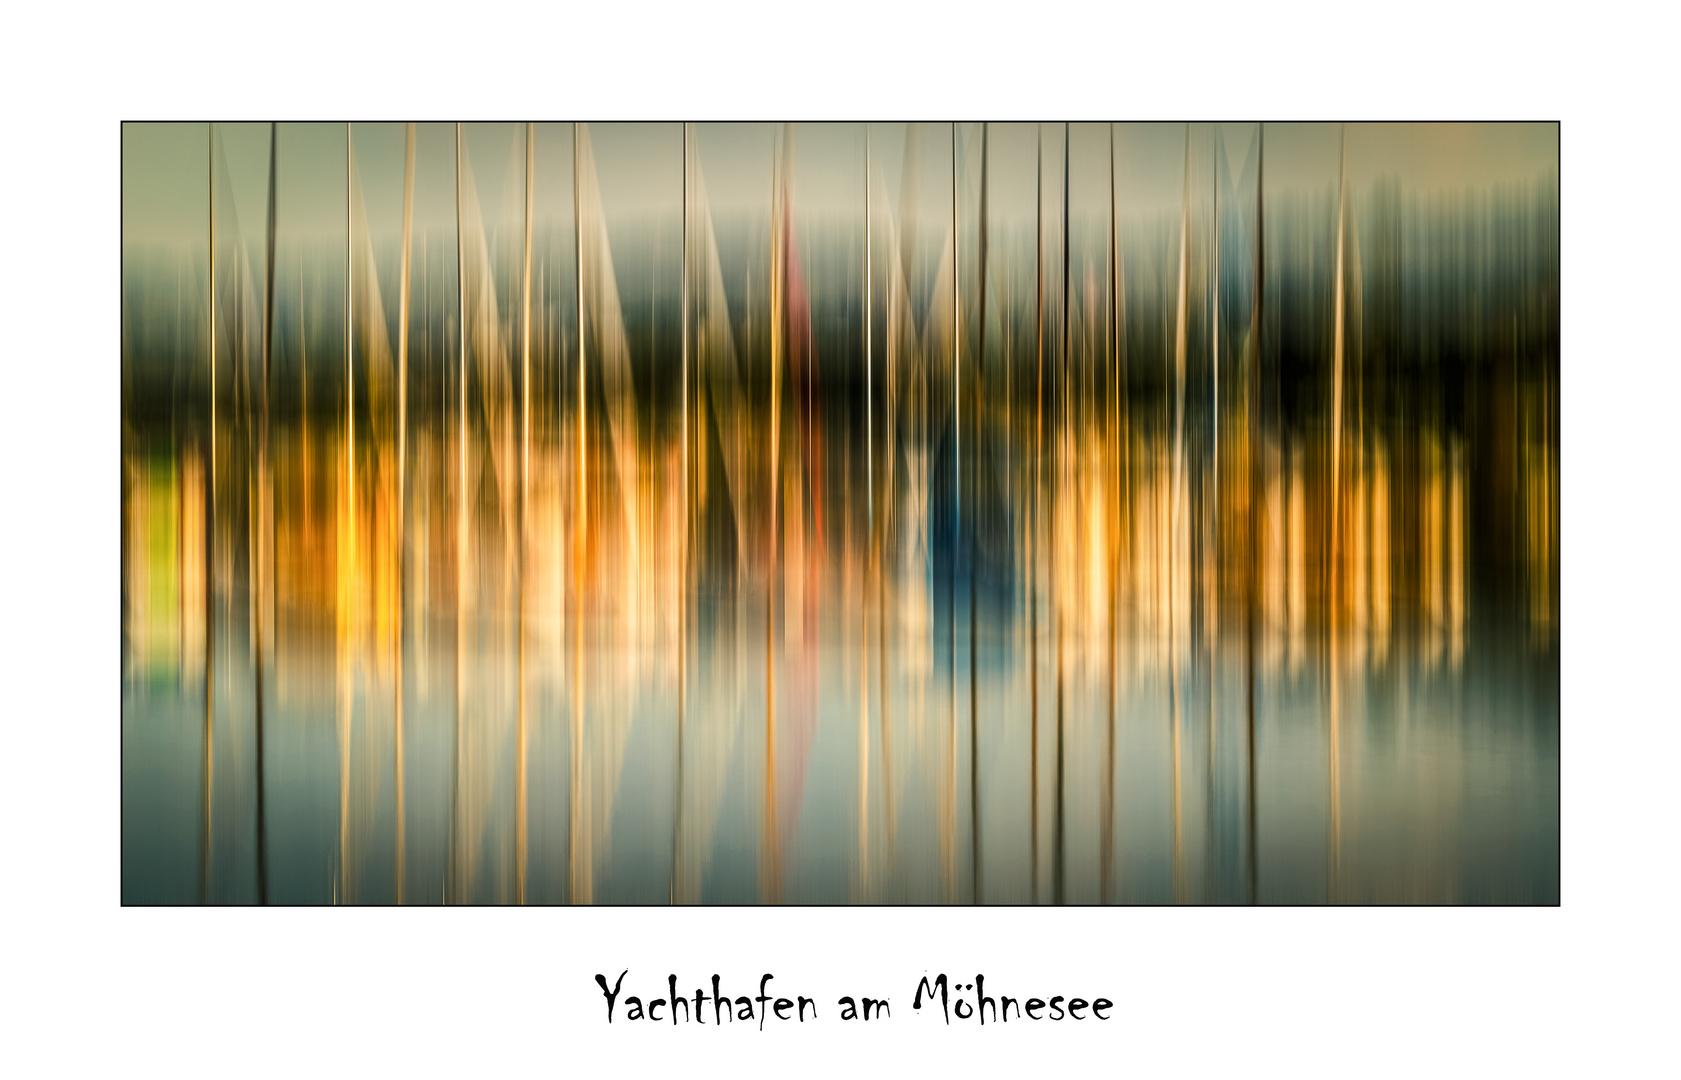 Yachthafen am Möhnesee